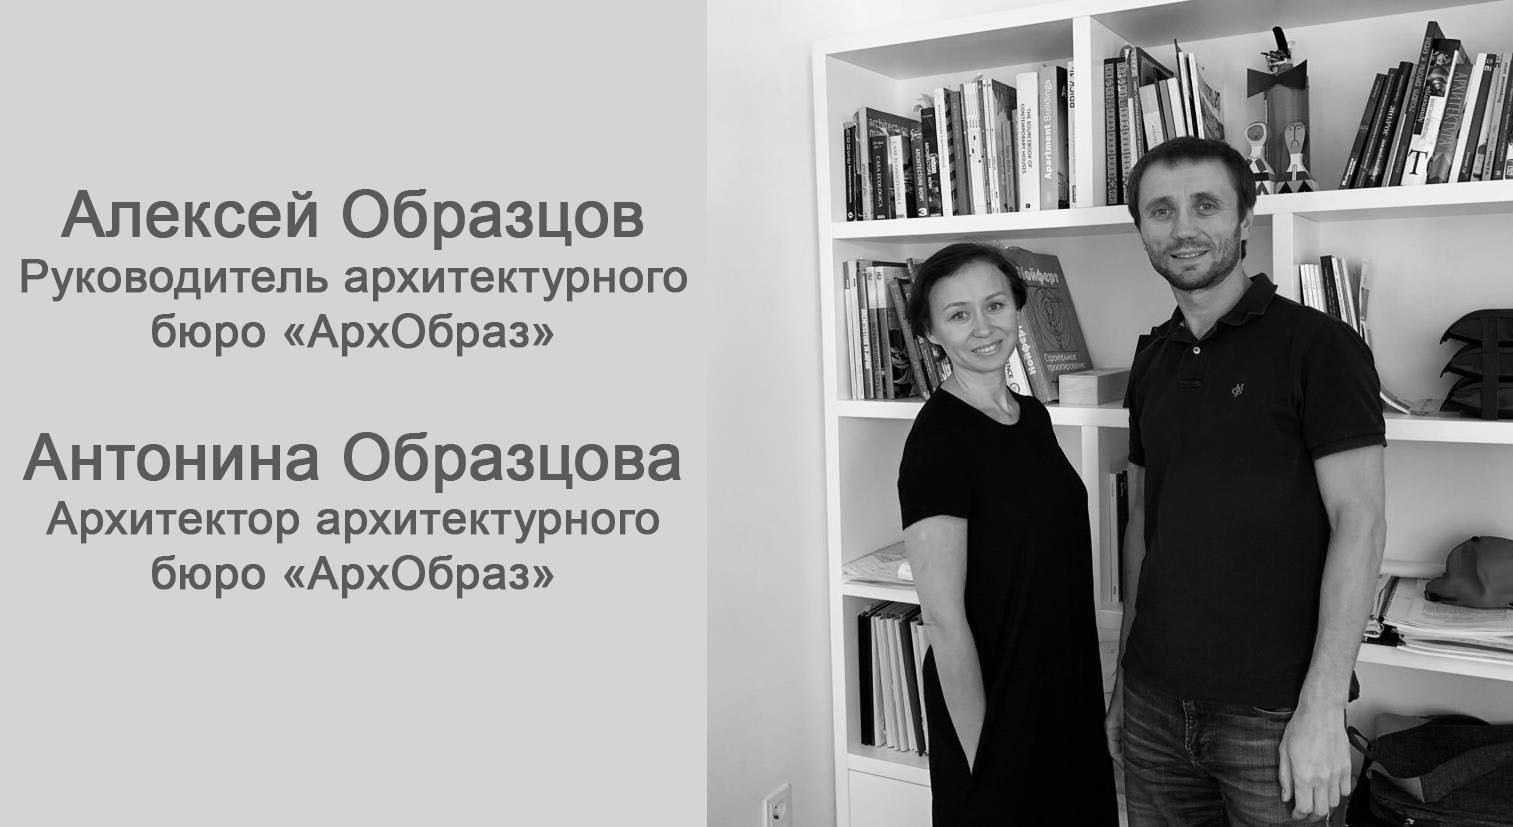 Інтерв'ю Олексія Образцова і Антоніни Образцової (архітектурне бюро «АрхОбраз») бренду DAVIS CASA. Частина 1